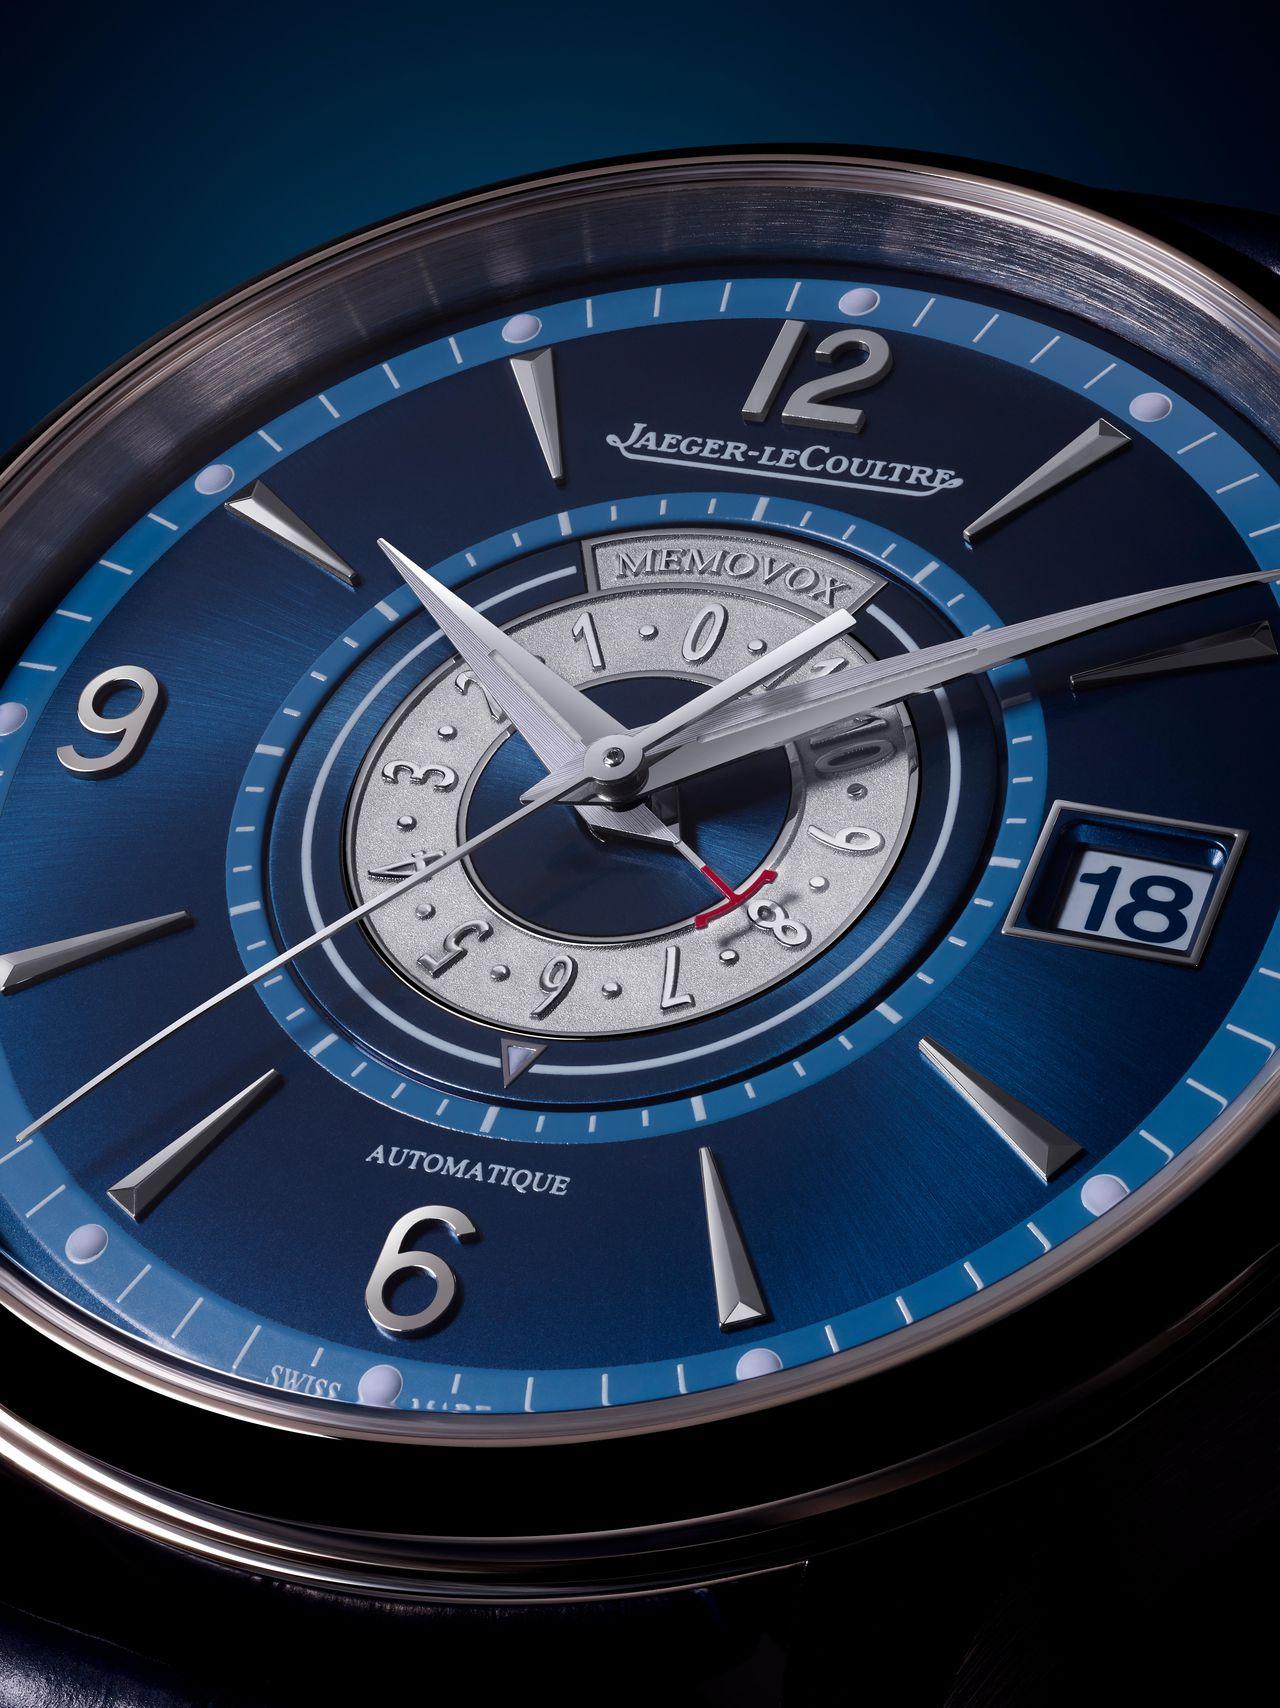 Jaeger-LeCoultre Master Control Memovox Timer - kékkel izgalmasabb, mint pusztán ezüstben